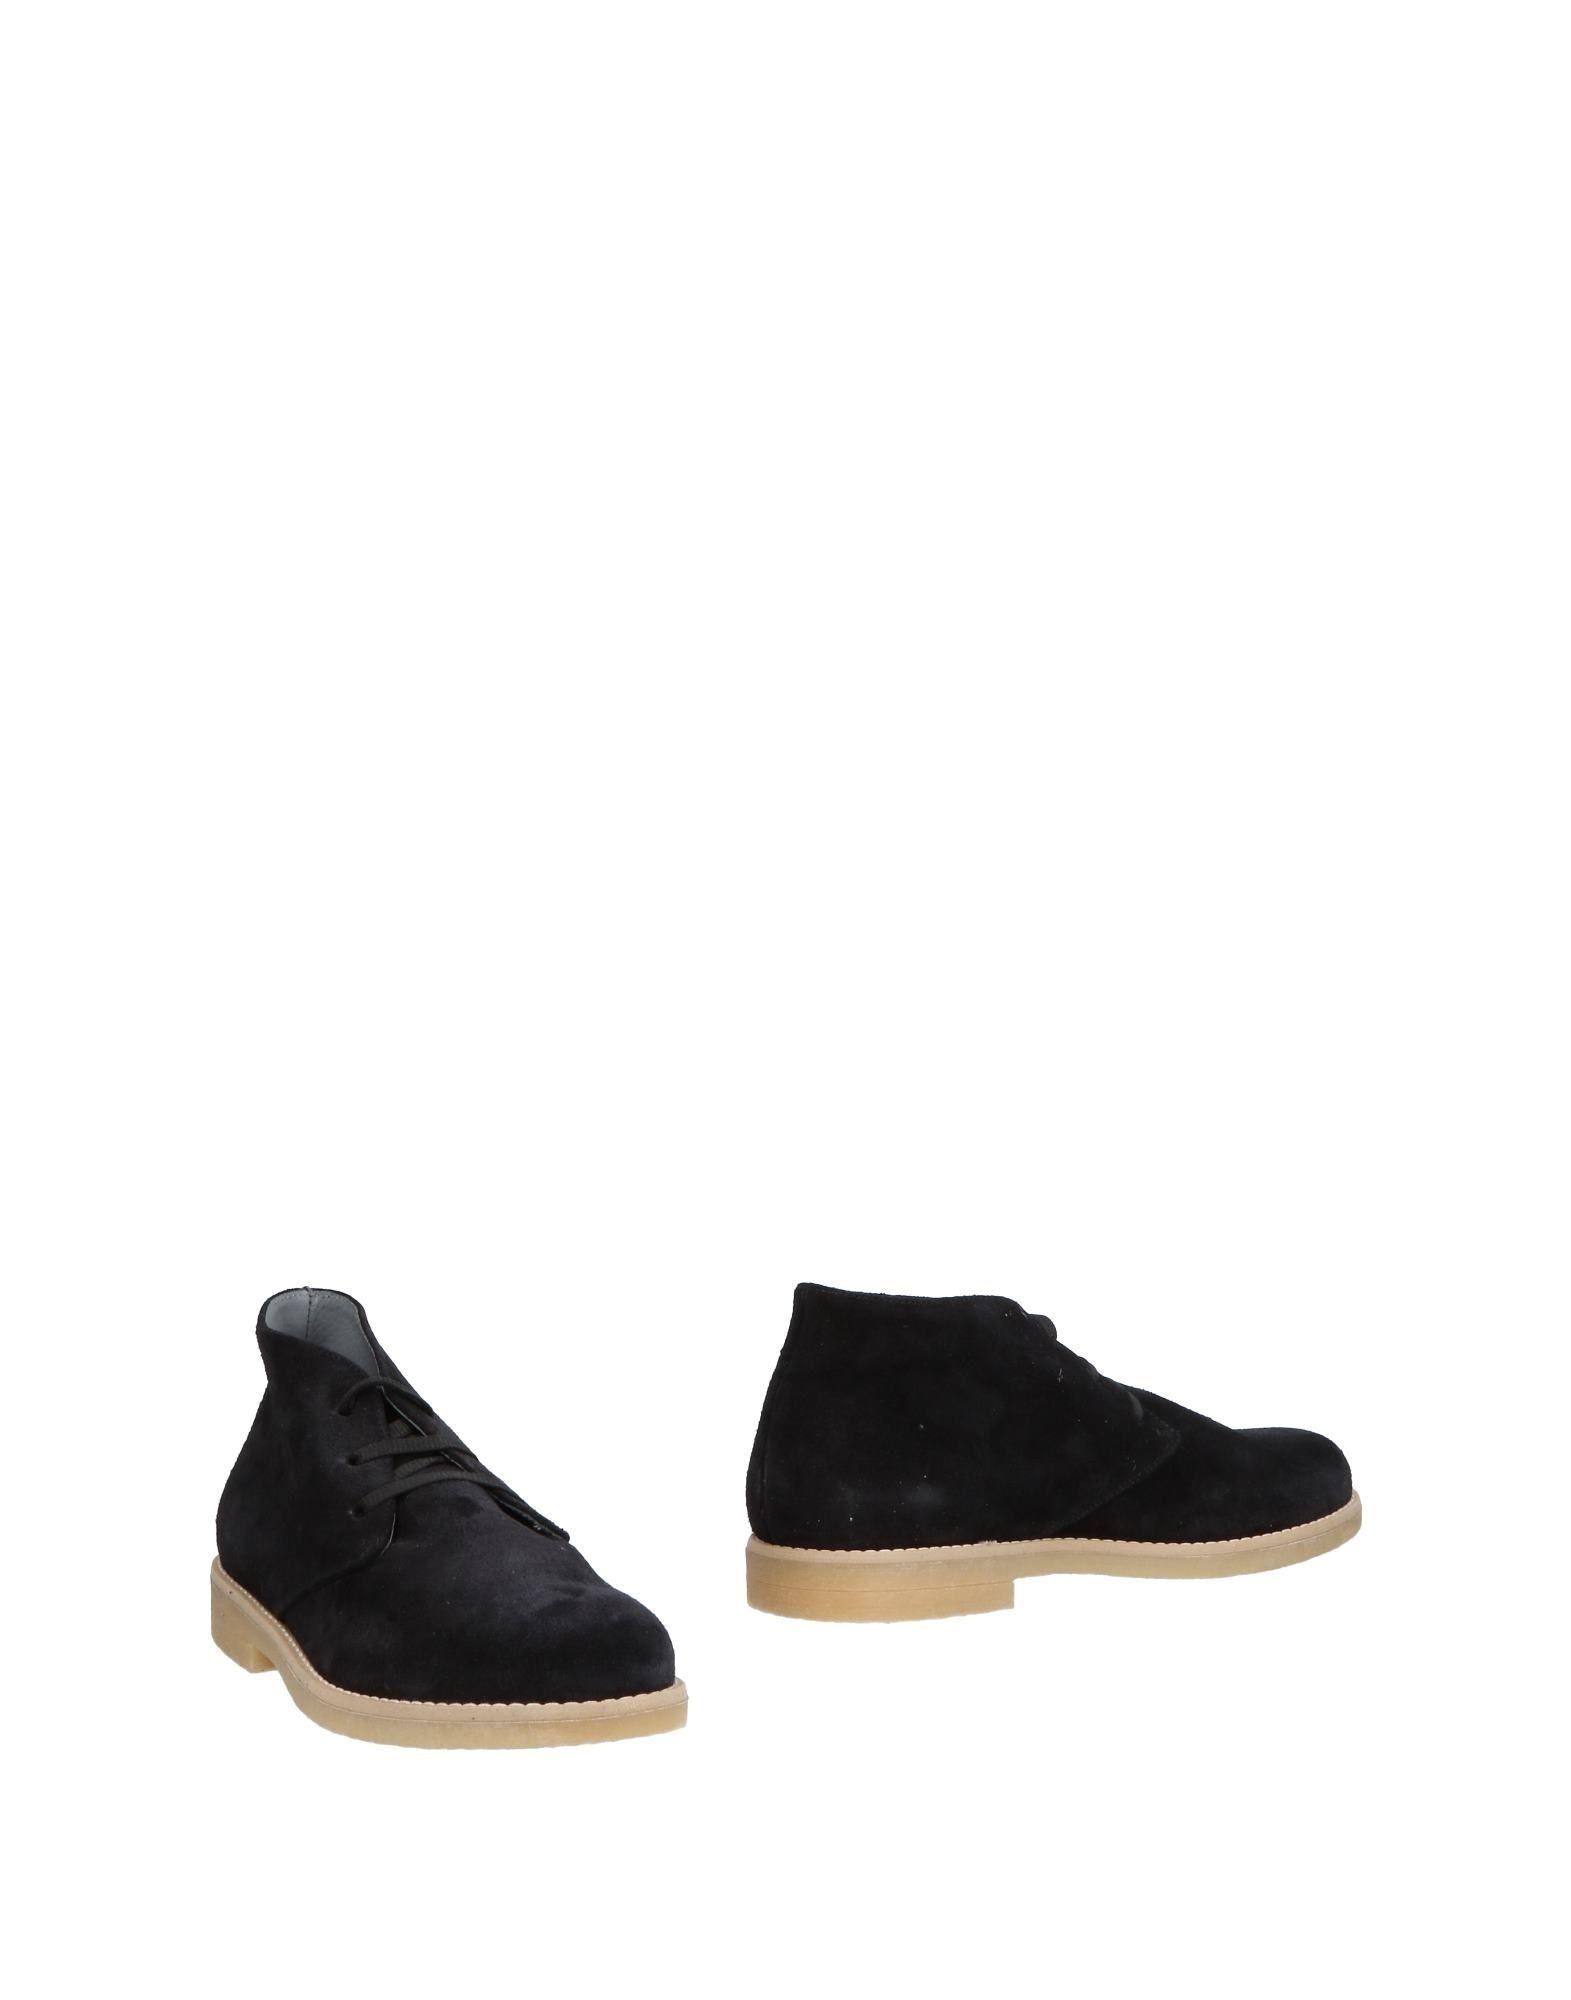 Tsd12 Stiefelette Herren Qualität  11504375FO Gute Qualität Herren beliebte Schuhe 0d3fbe